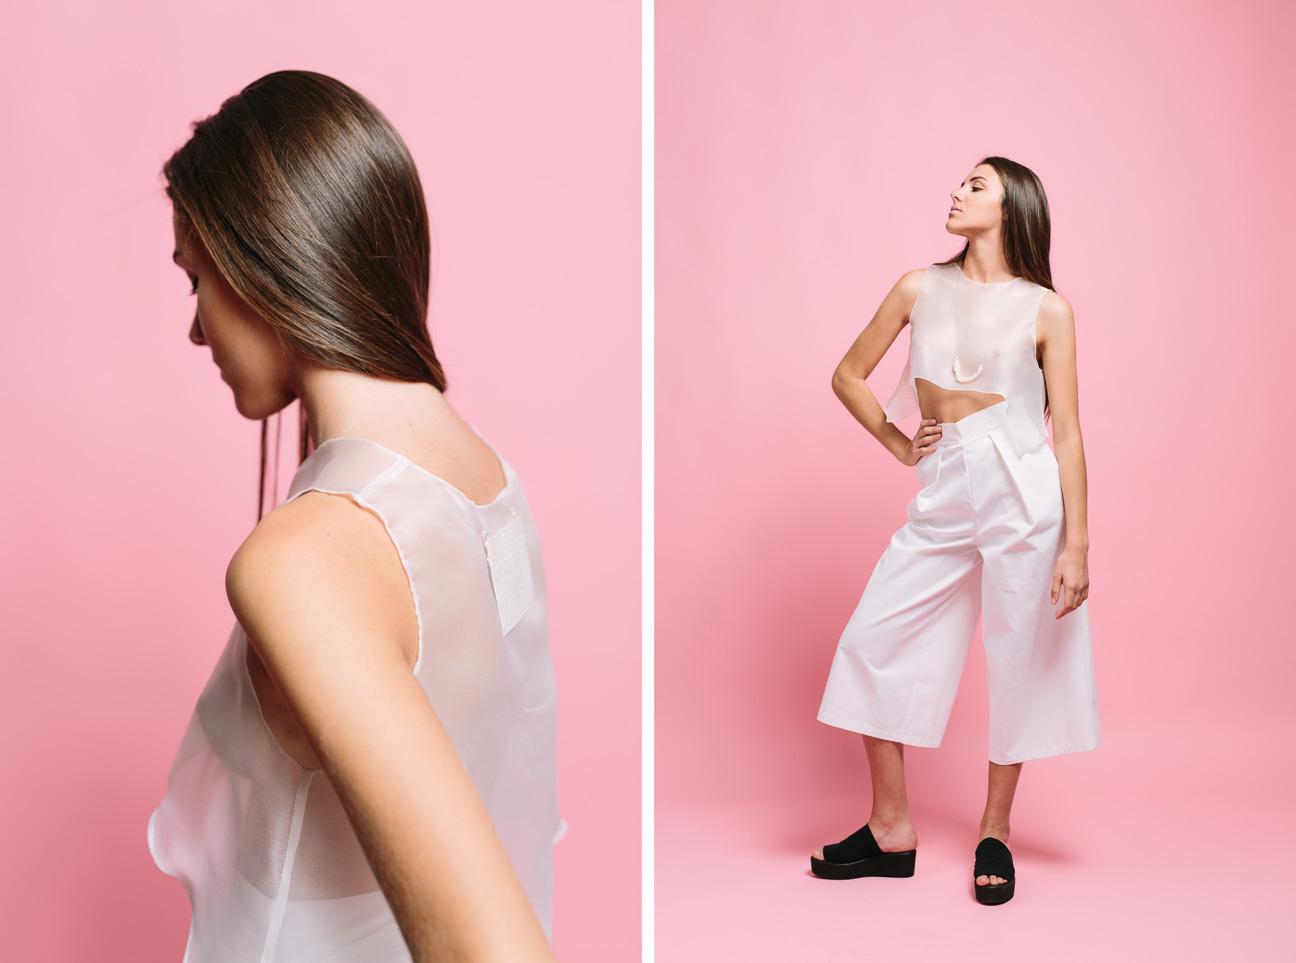 fotografo de publicidad en Valencia, moda producto retrato corporativo (5)